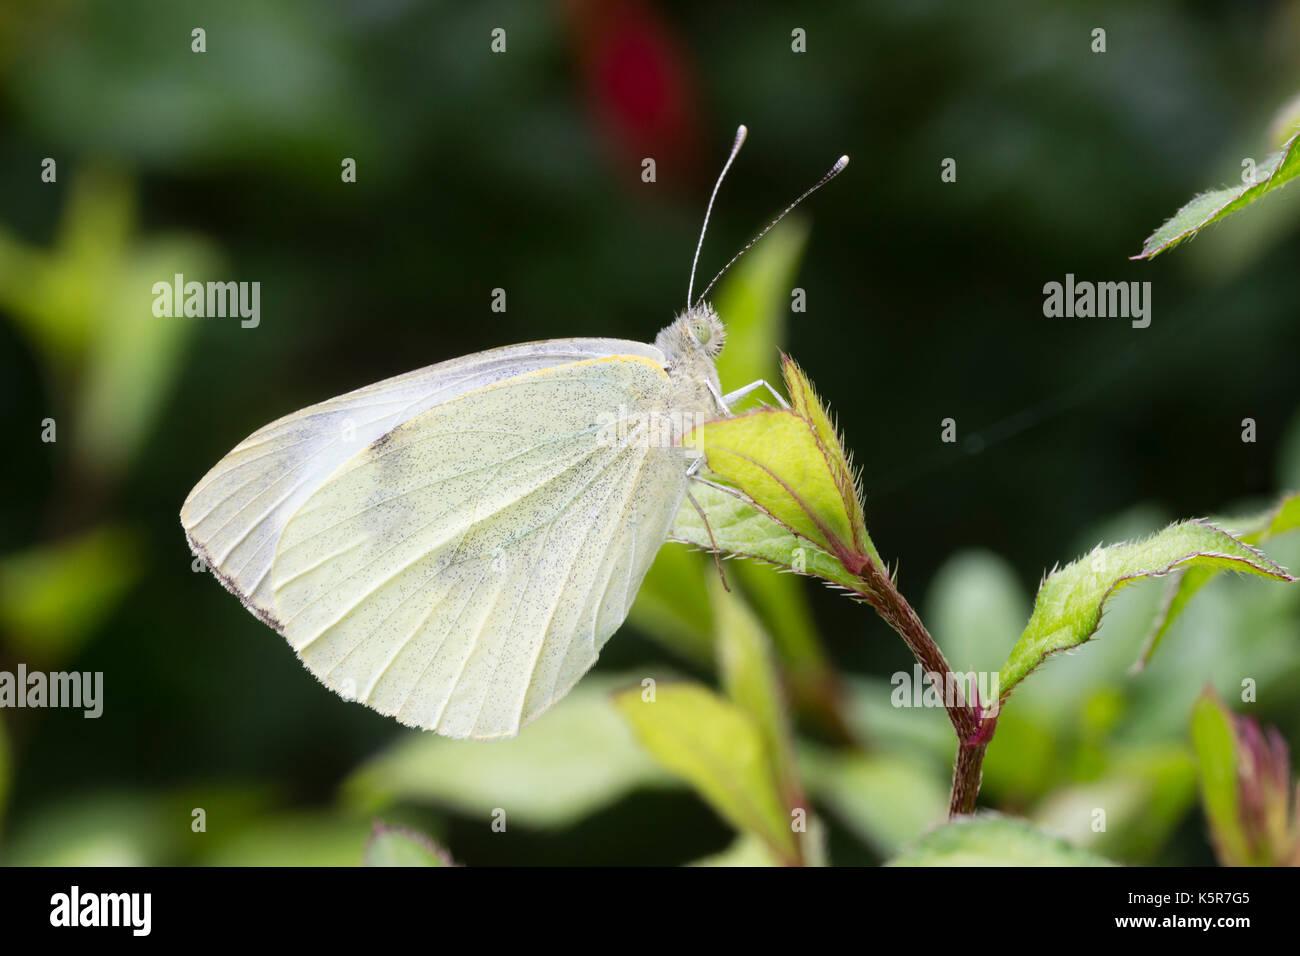 Grand mâle papillon blanc, Pieris brassicae, reposant sur le feuillage Photo Stock